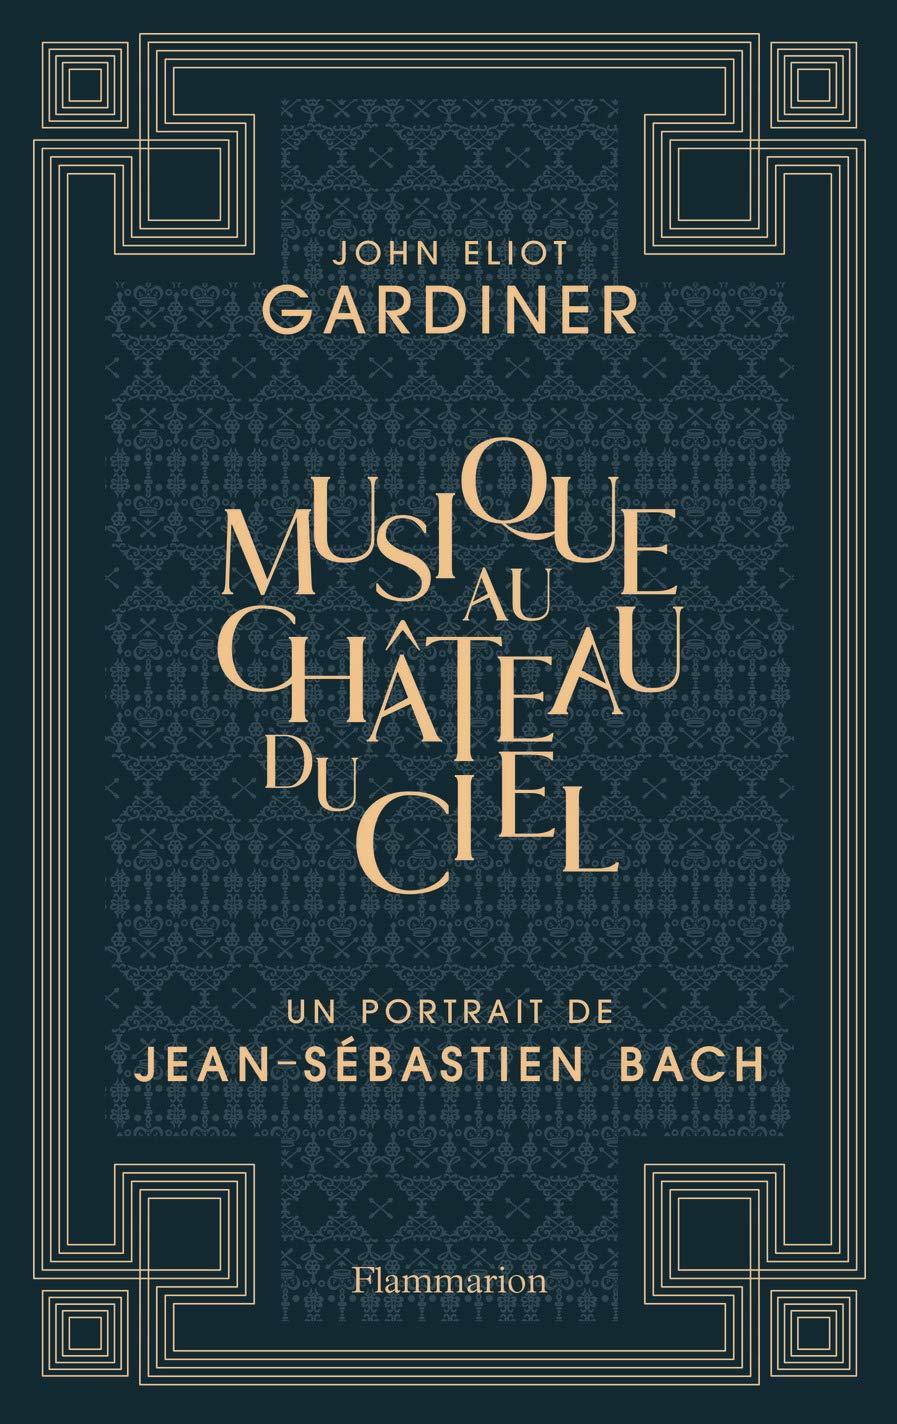 Musique au château du ciel : Un portrait de Jean-Sébastien Bach